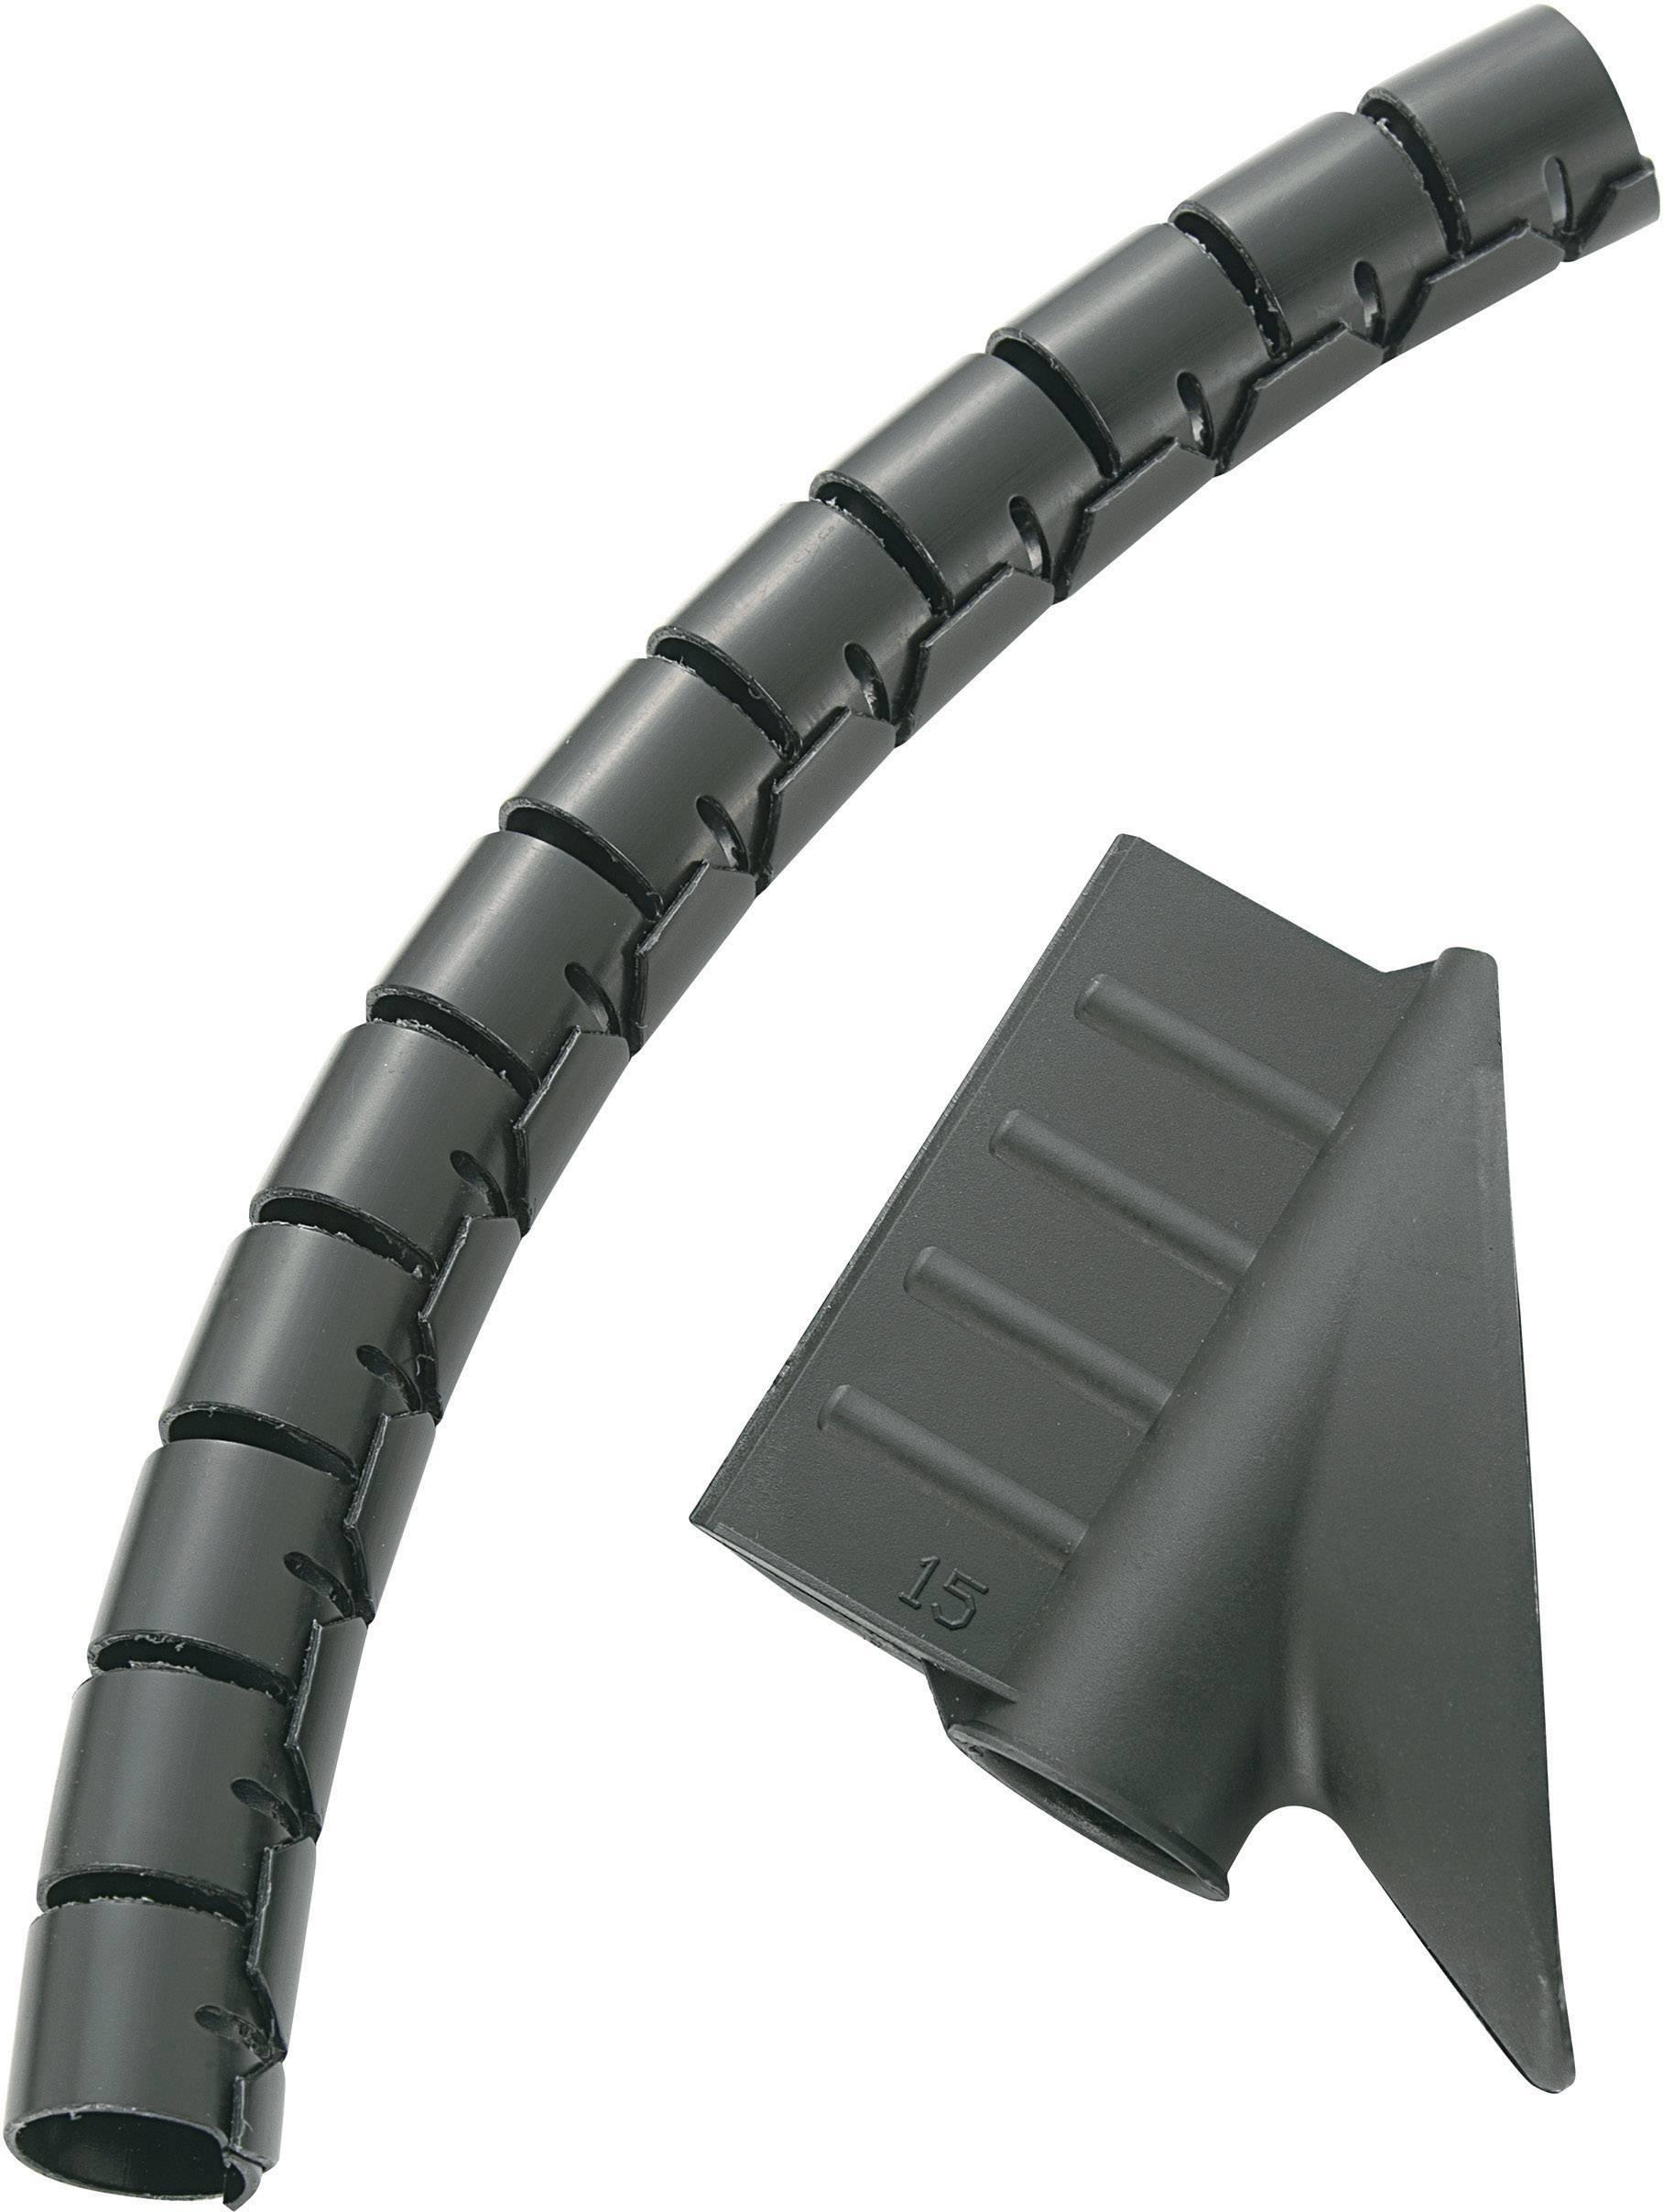 Káblový oplet KSS MX-KLT8BK, 10 mm (max), 5 m, čierna